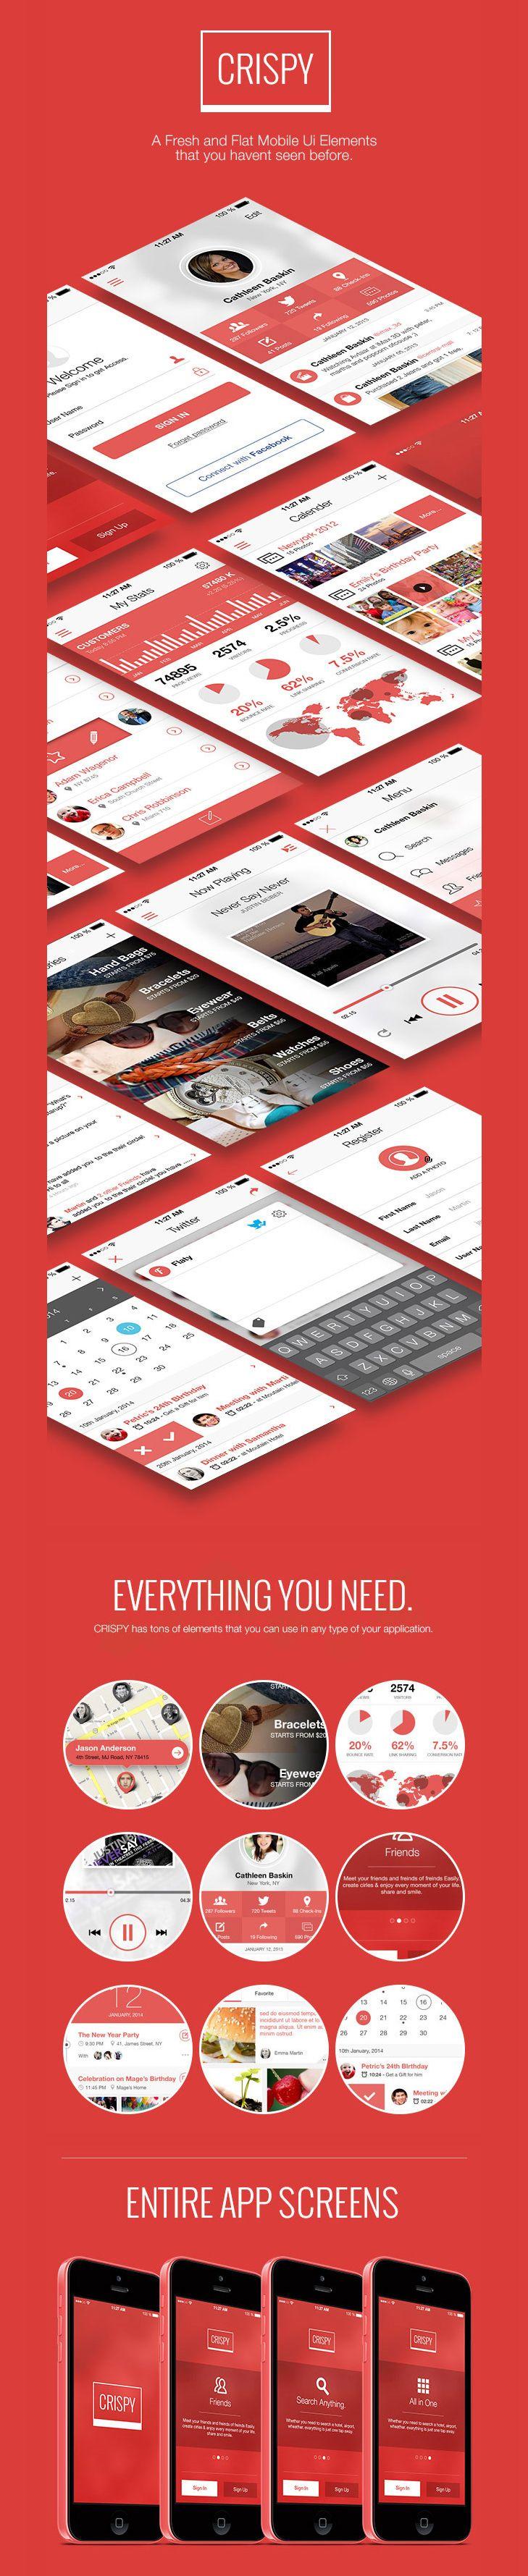 App UI design Inspiration